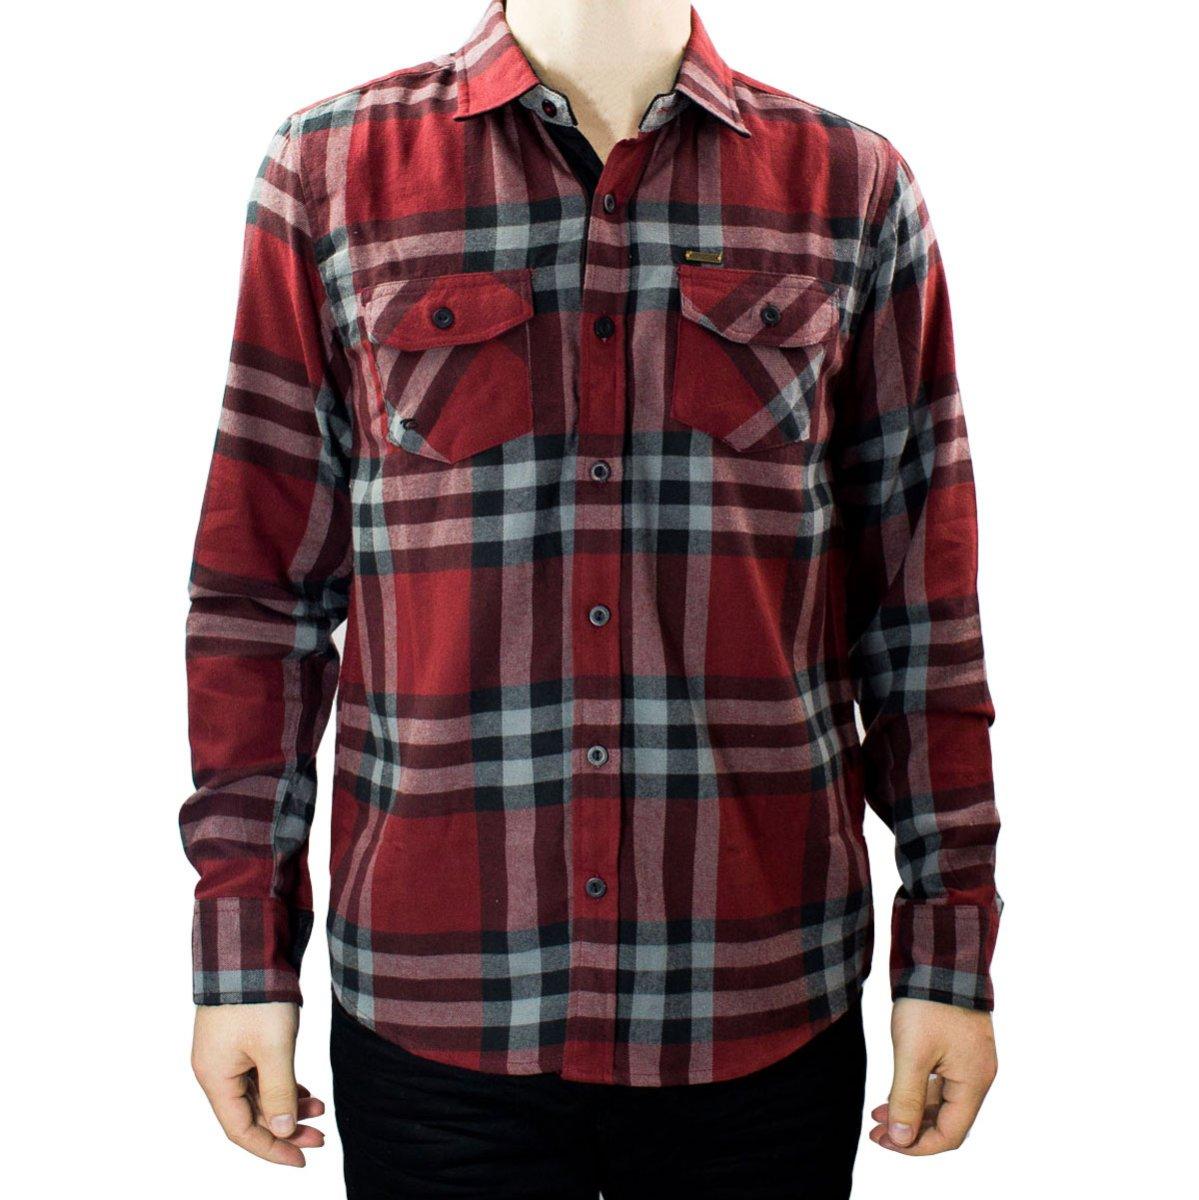 15219fa65b1 Bizz Store - Camisa Masculina Gangster Xadrez Flanela Manga Longa